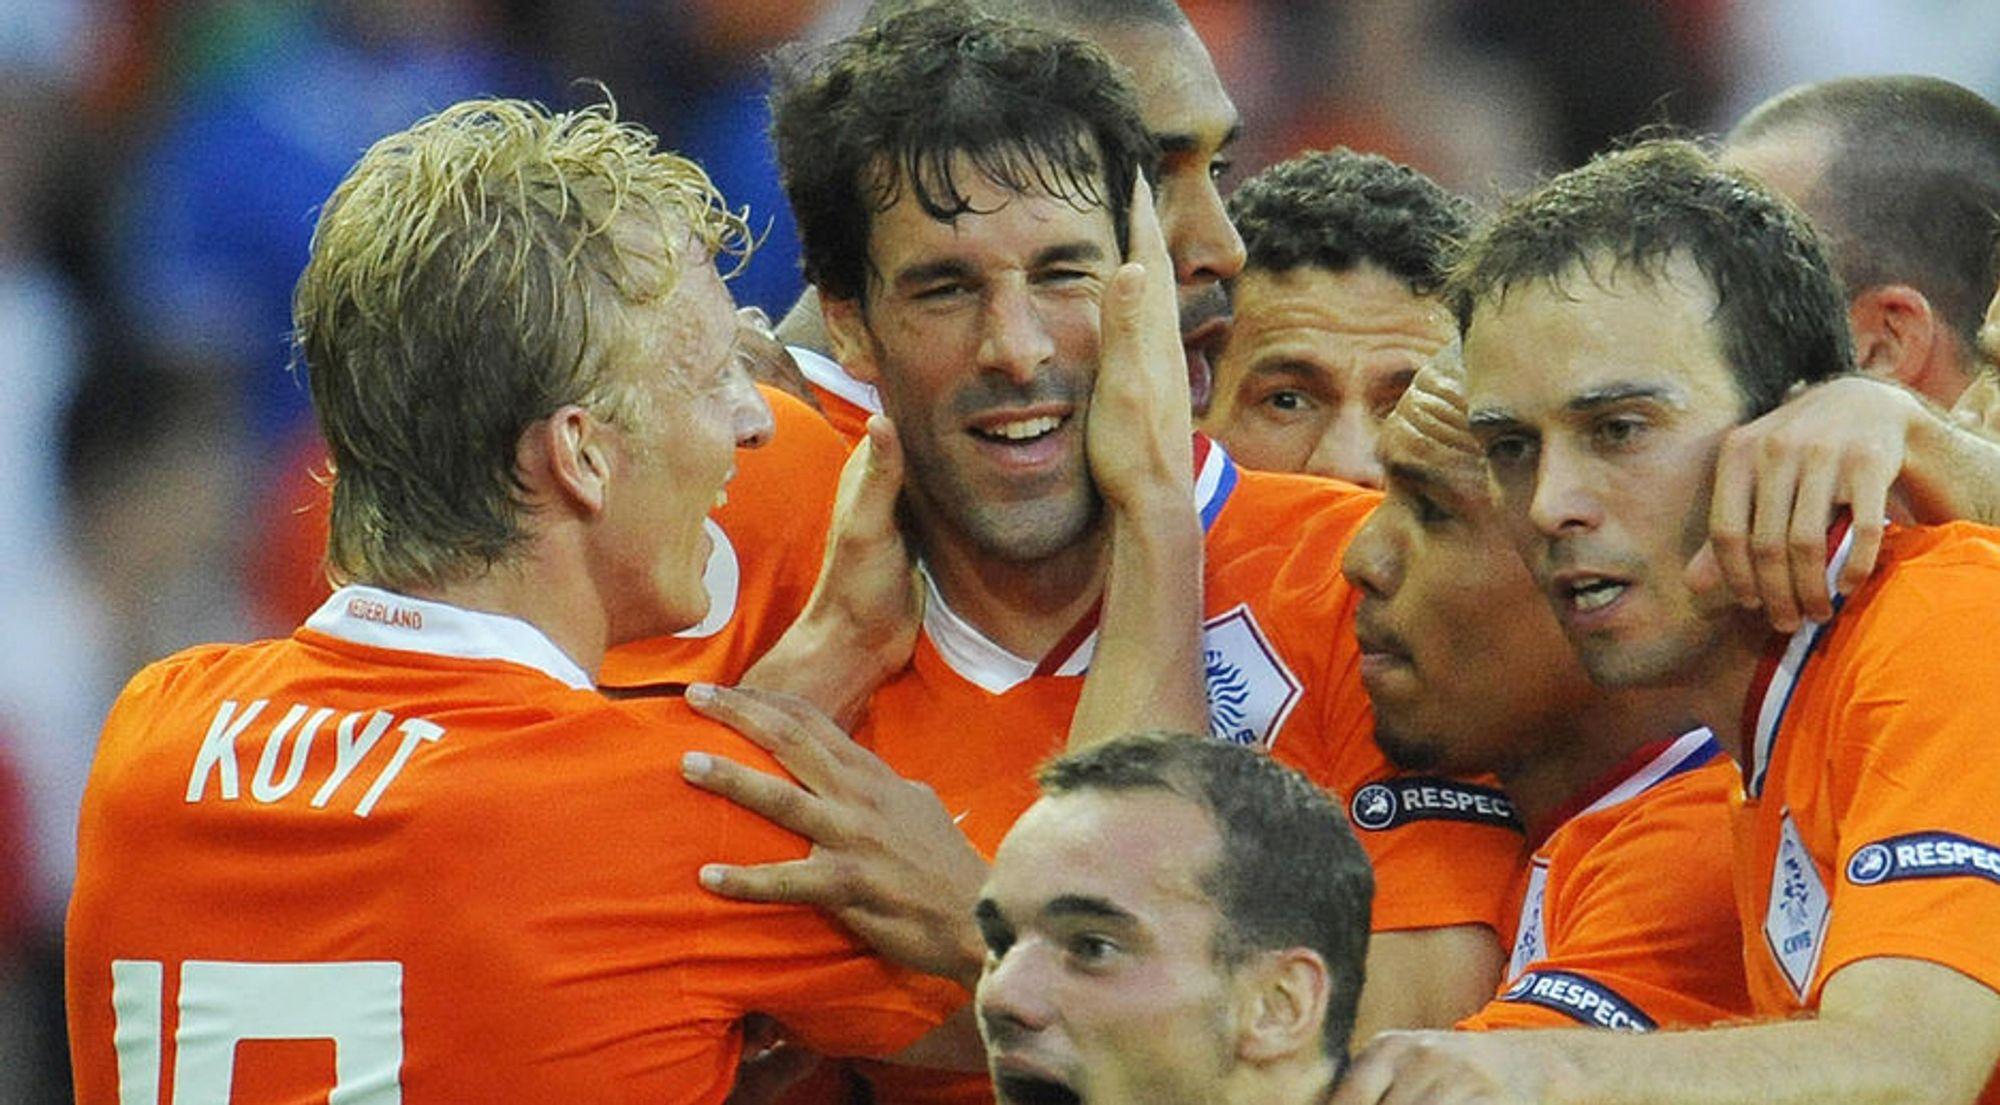 Dirk Kuyt (t.v), Ruud van Nistelrooy og de andre nederlandske spillerne har for øyeblikket størst sjanse til å bli europamestere slik de ble for 20 år siden, ifølge Norsk Regnesentral.